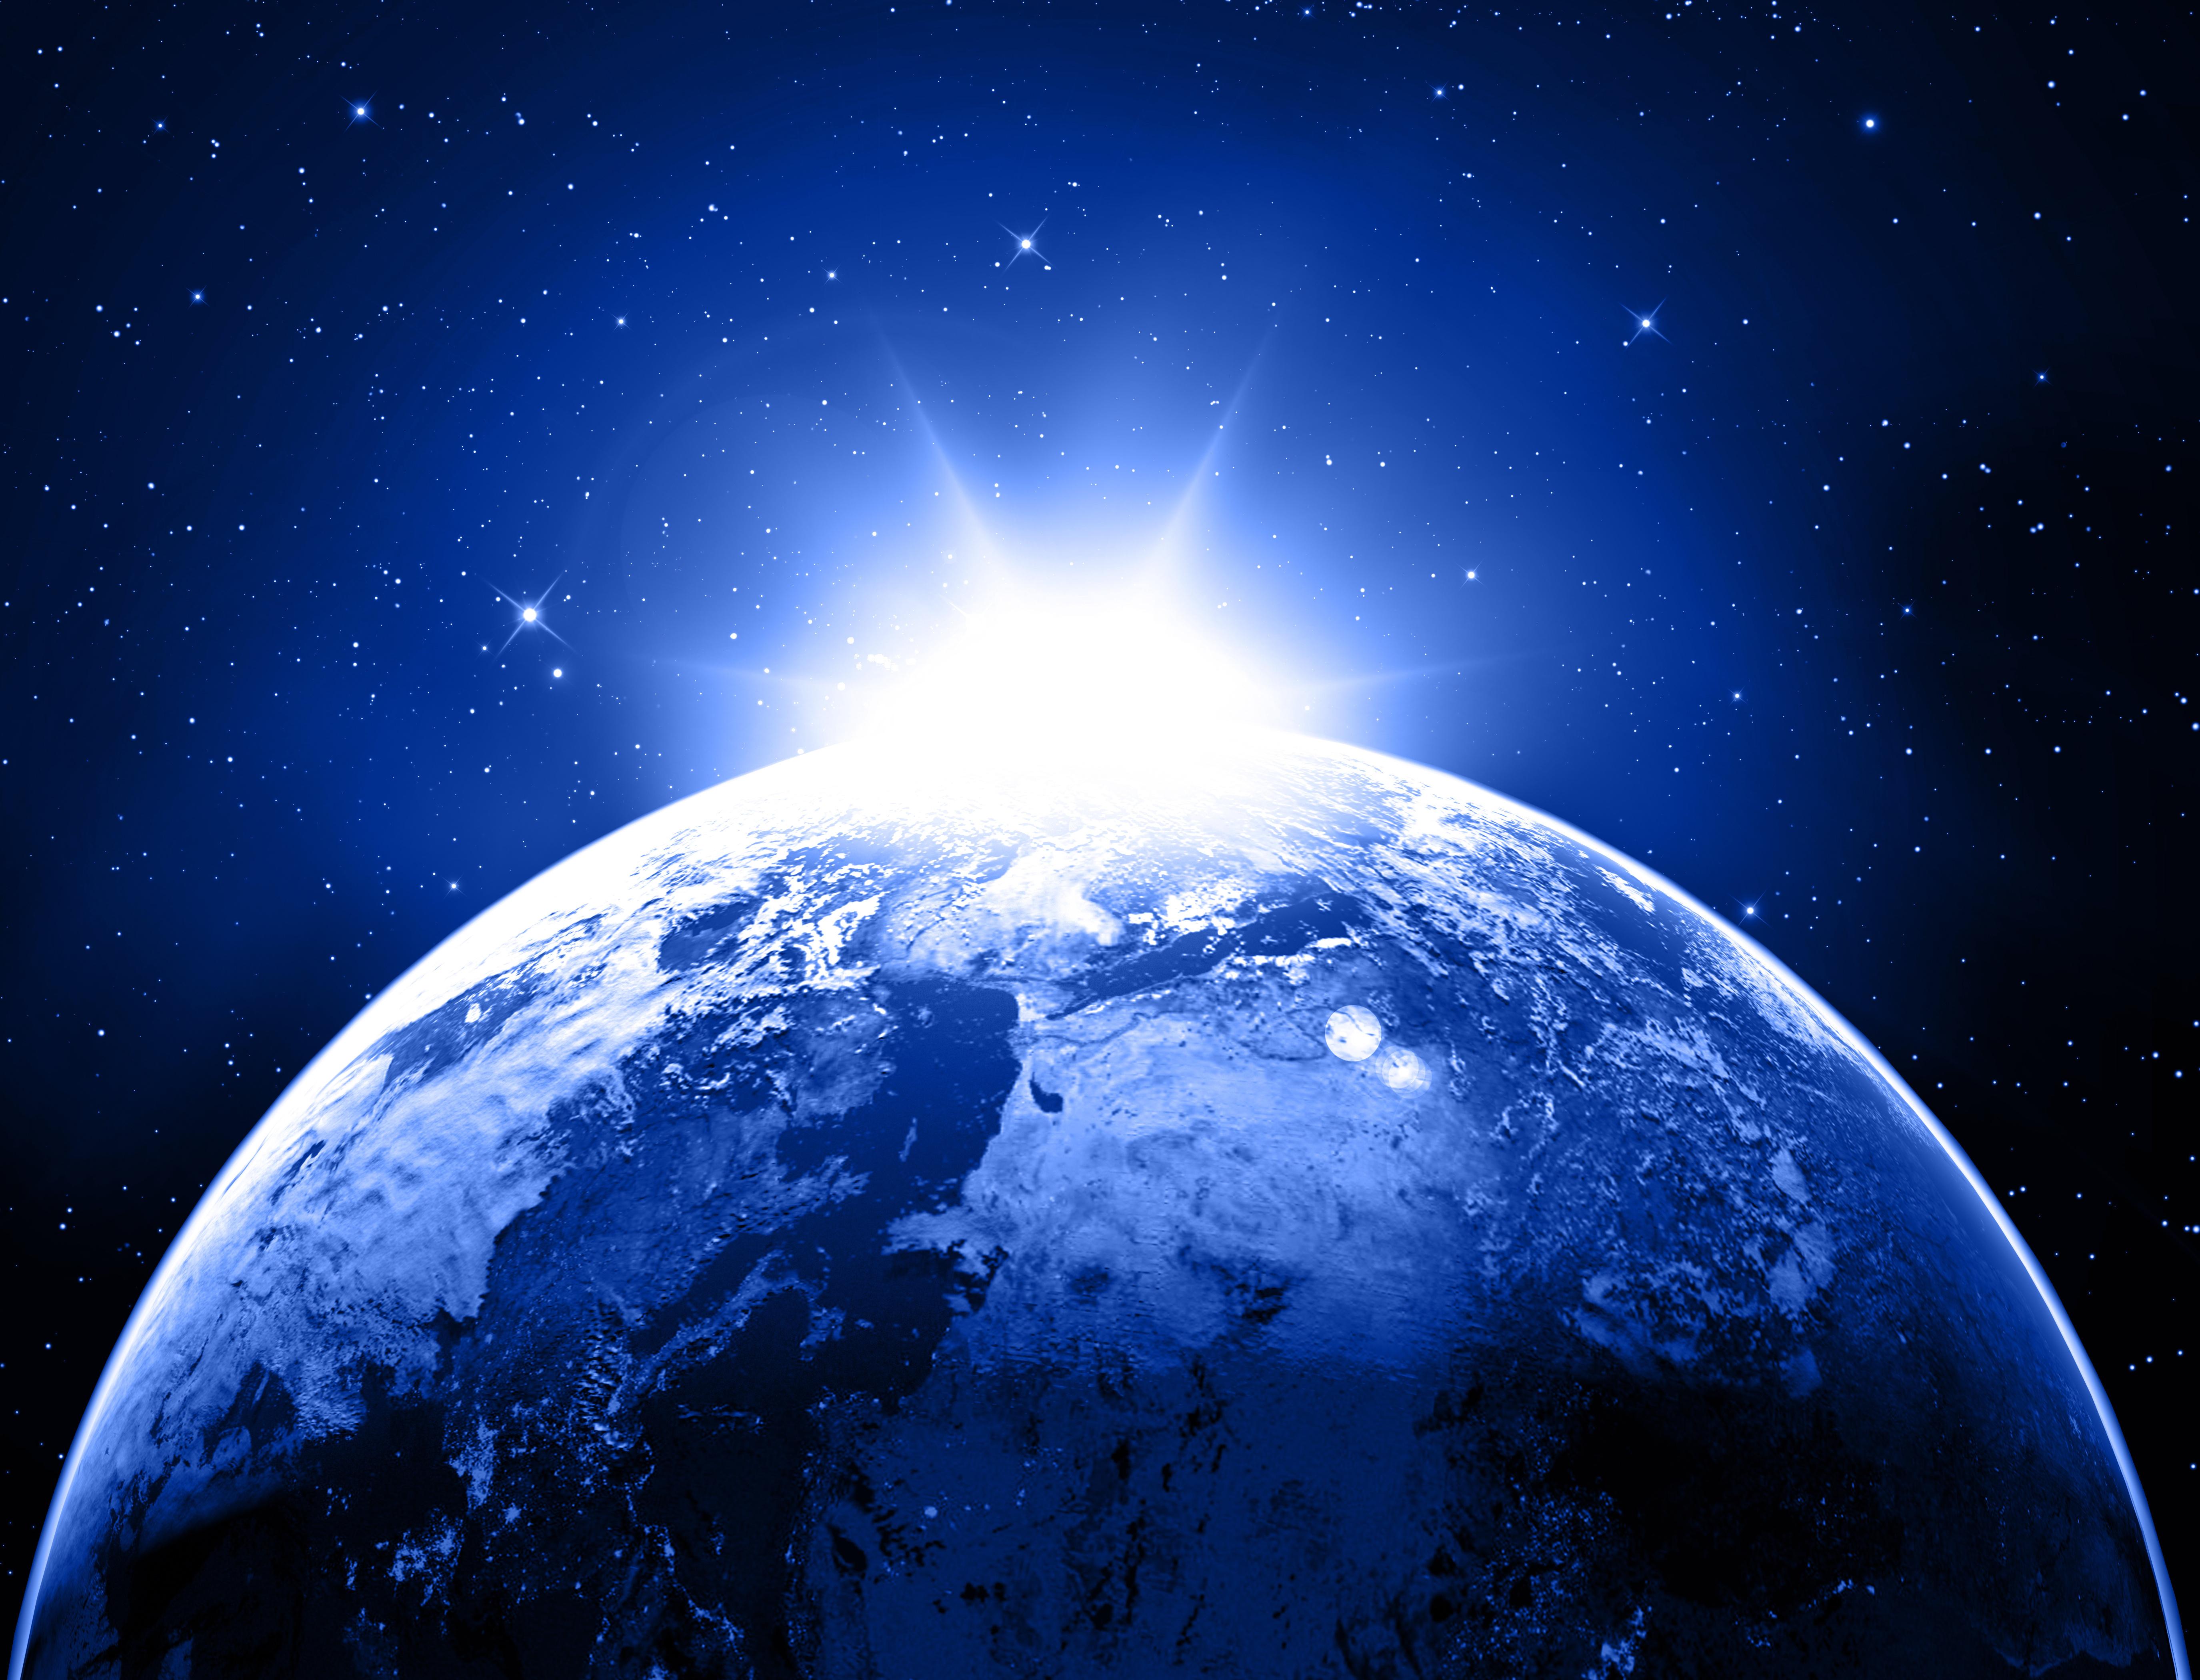 покрова картинка планета земля на фоне космоса расположение